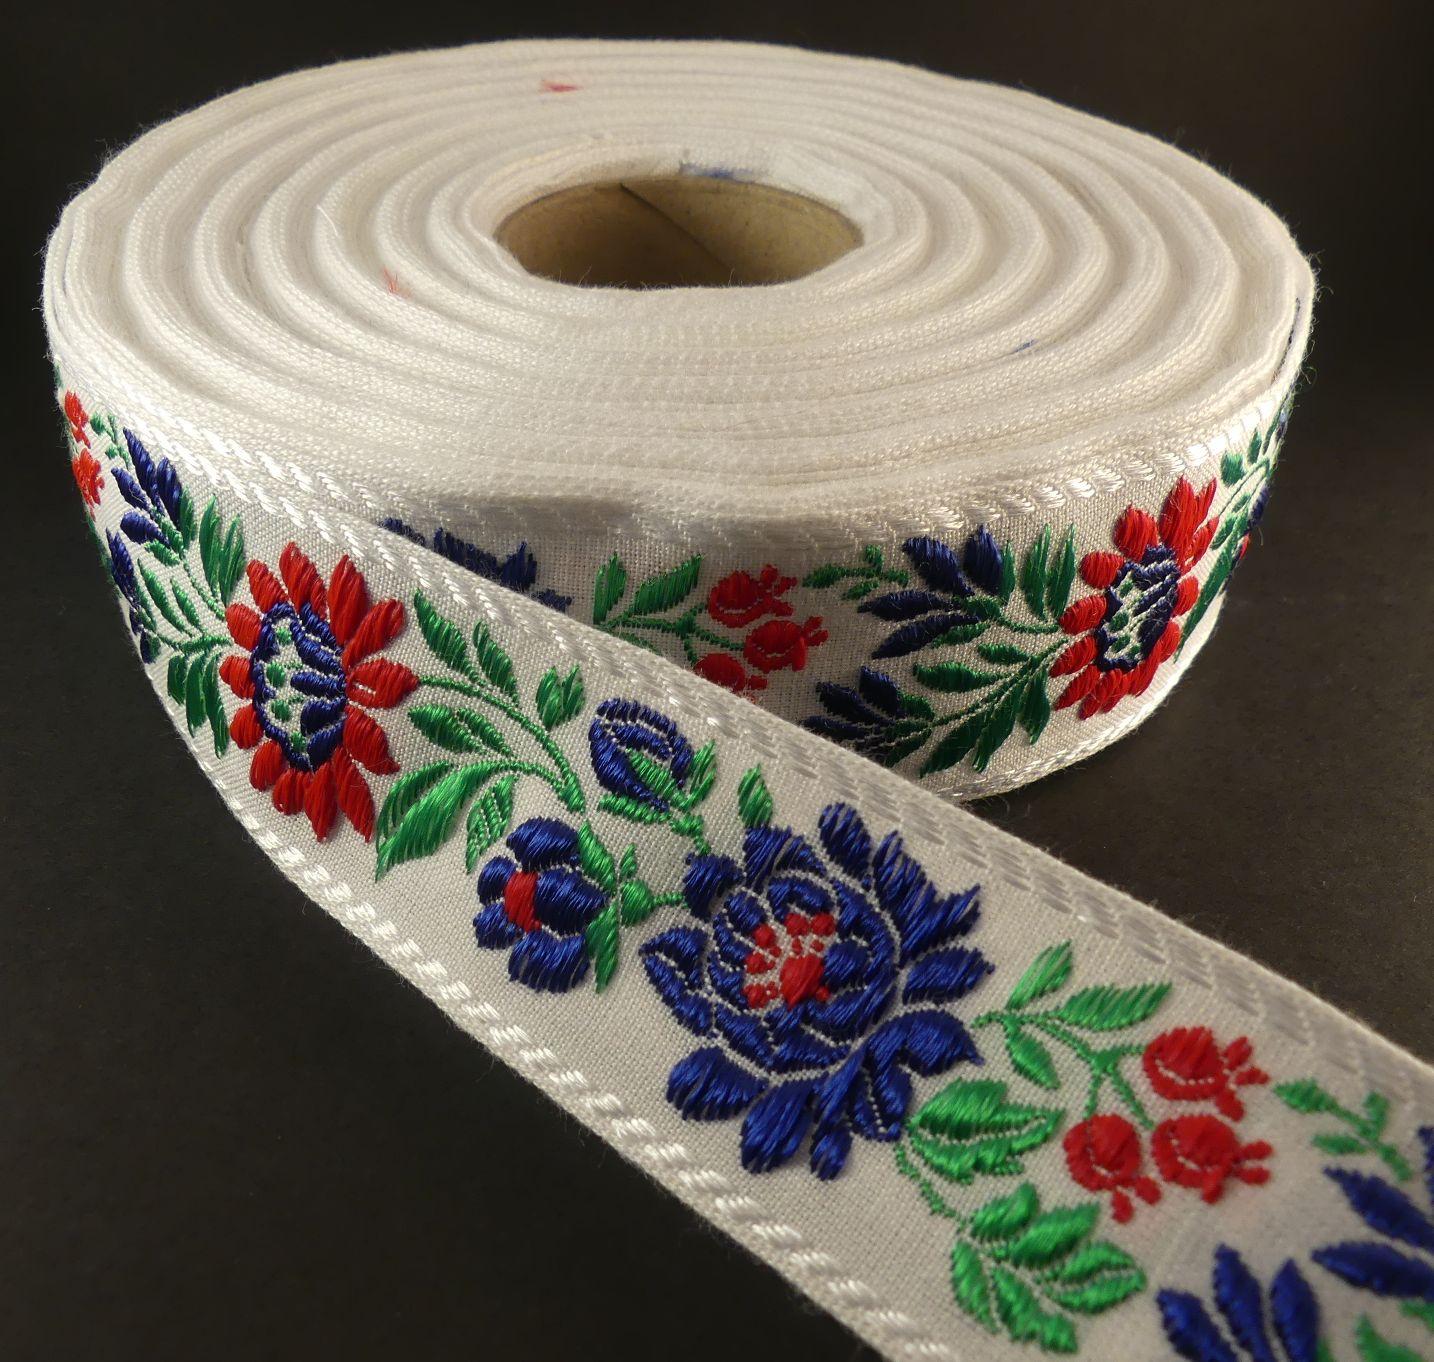 42670e430b Matyószalag, fehér alapon piros-kék virág hímzett, 38 mm, 980 Ft/ empty